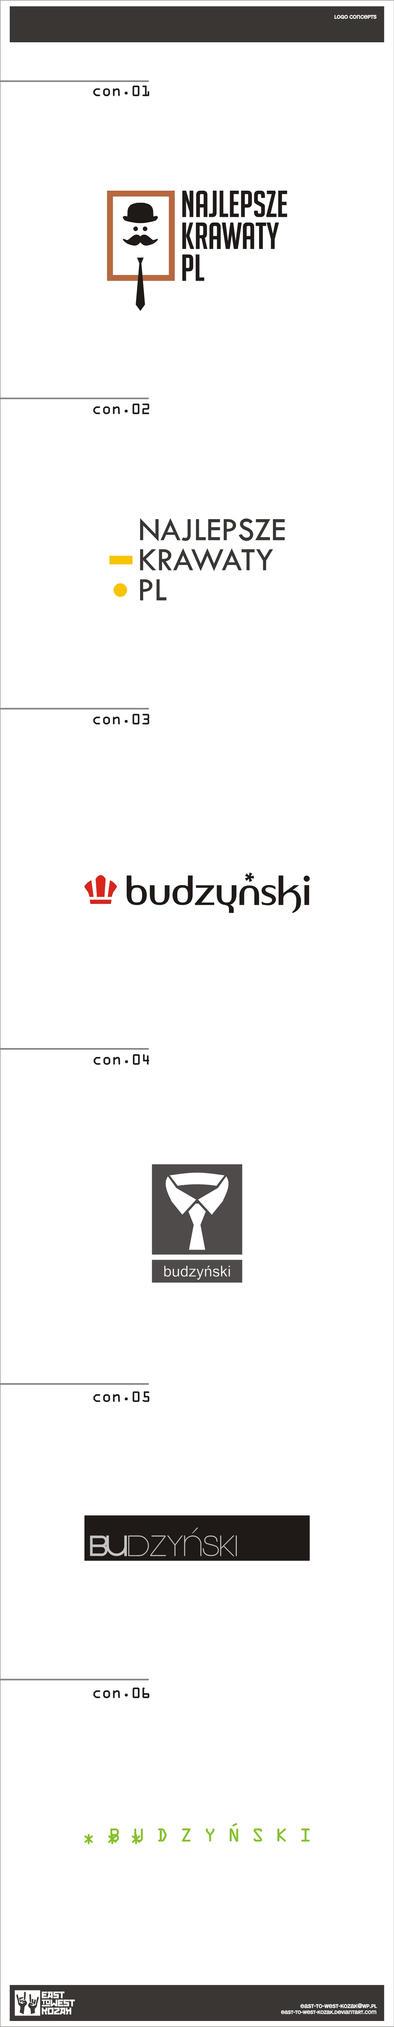 Budzynski - logo design by East-to-West-Kozak